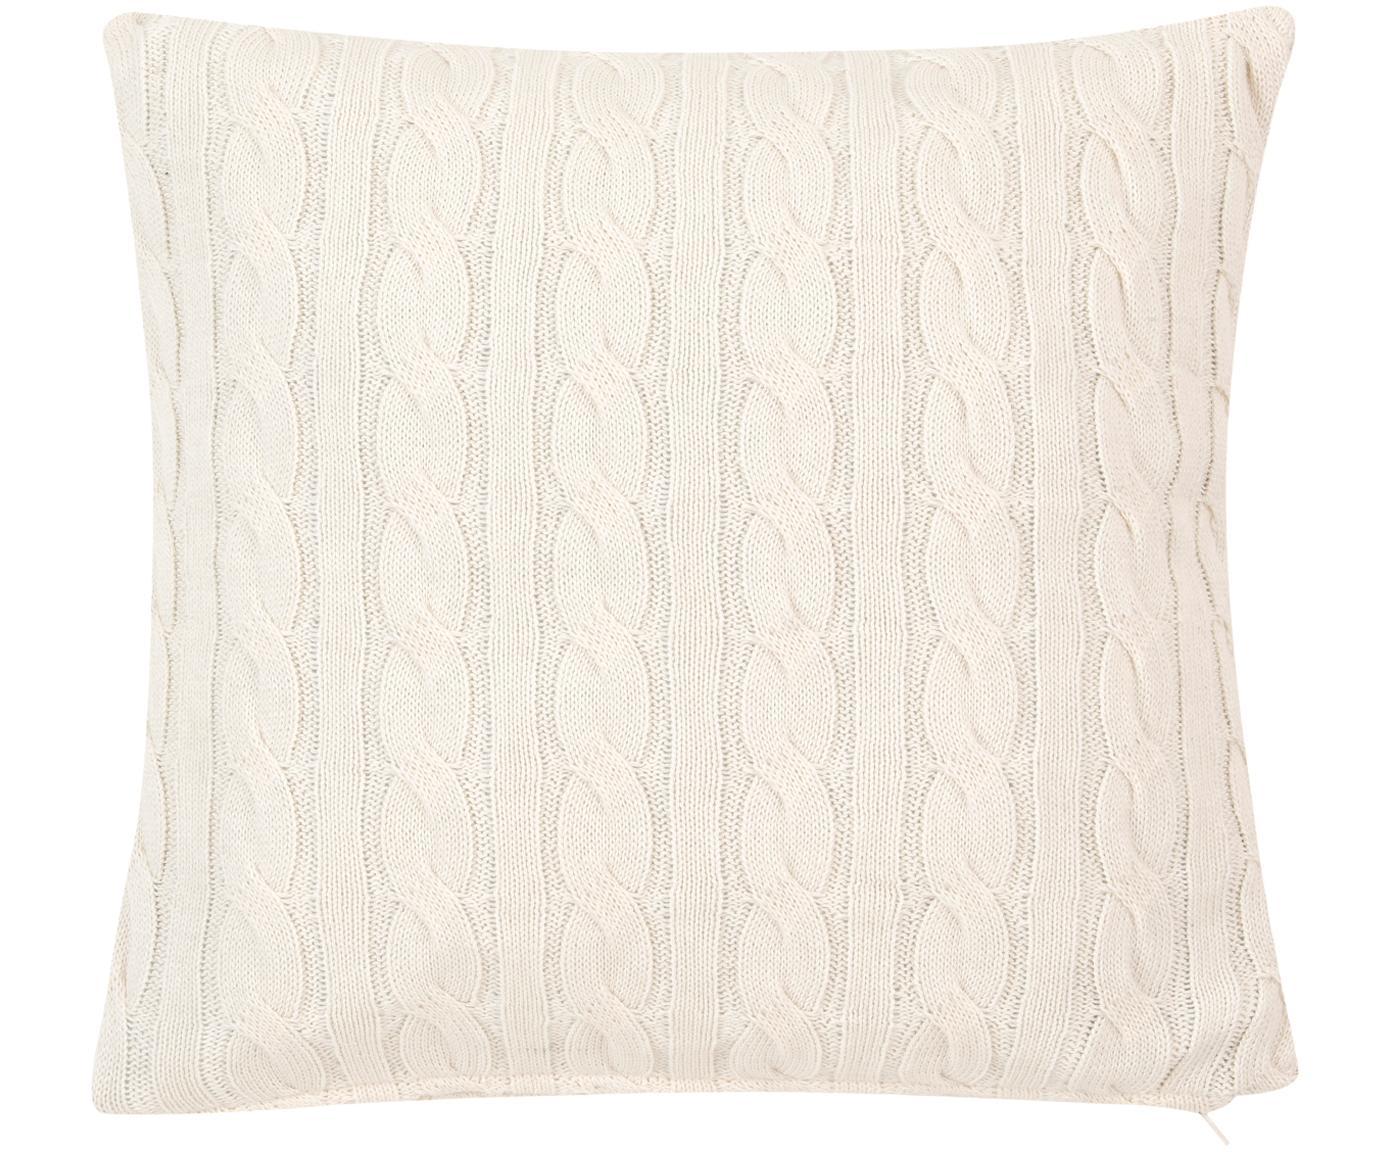 Dzianinowa poszewka na poduszkę Ida, 100% bawełna, Odcienie kremowego, S 40 x D 40 cm